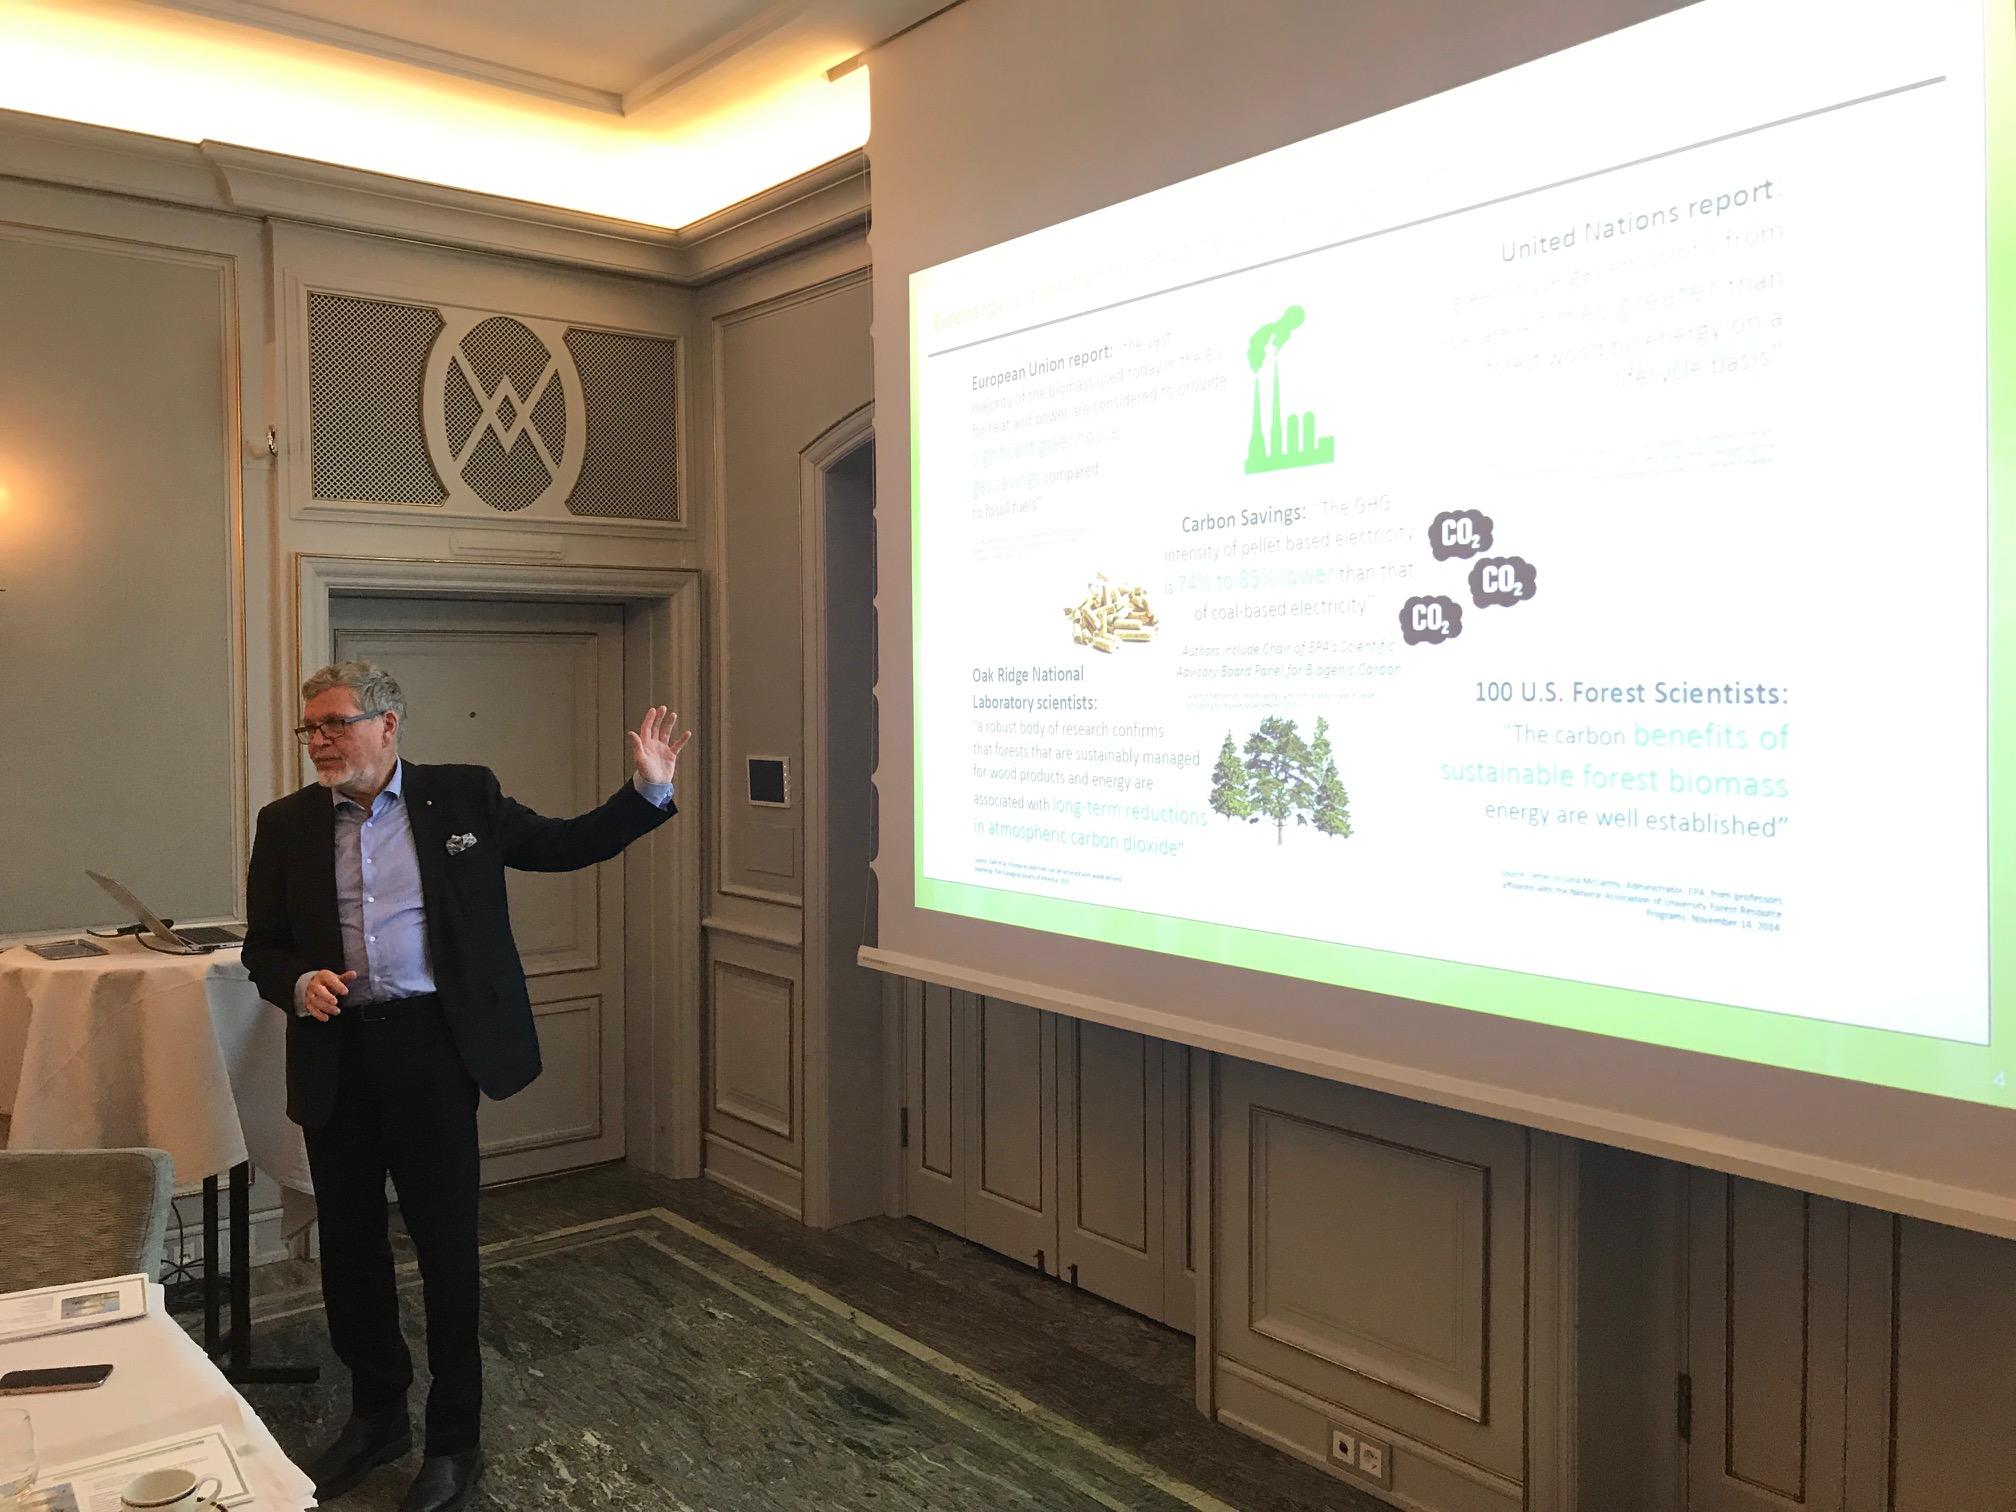 BioGren – grønn satsning med erfarne eldreprenører i førersetet